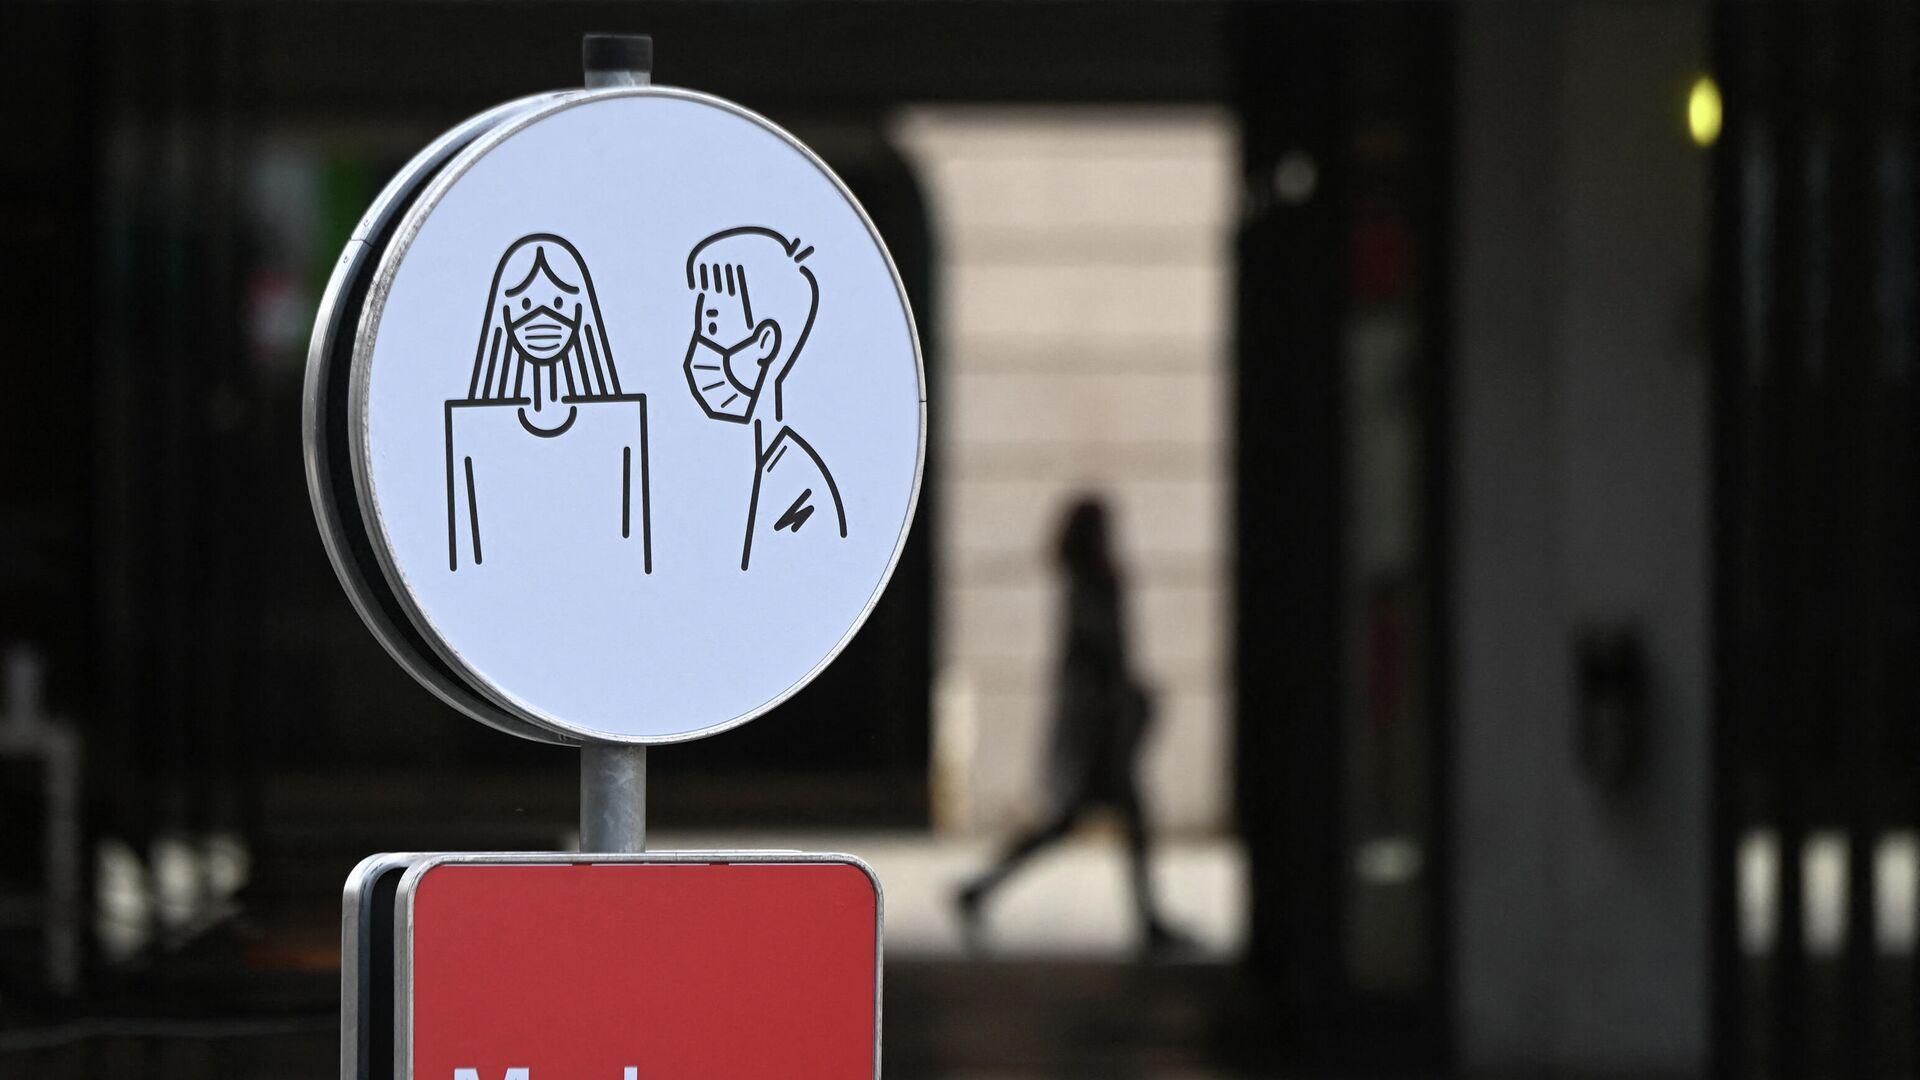 In Augsburg, Süddeutschland, ist am 2. November 2020 inmitten der anhaltenden neuartigen Coronavirus-Covid-19-Pandemie ein Schild mit der Aufforderung zum Tragen von Gesichtsmasken zu sehen. - SNA, 1920, 20.04.2021